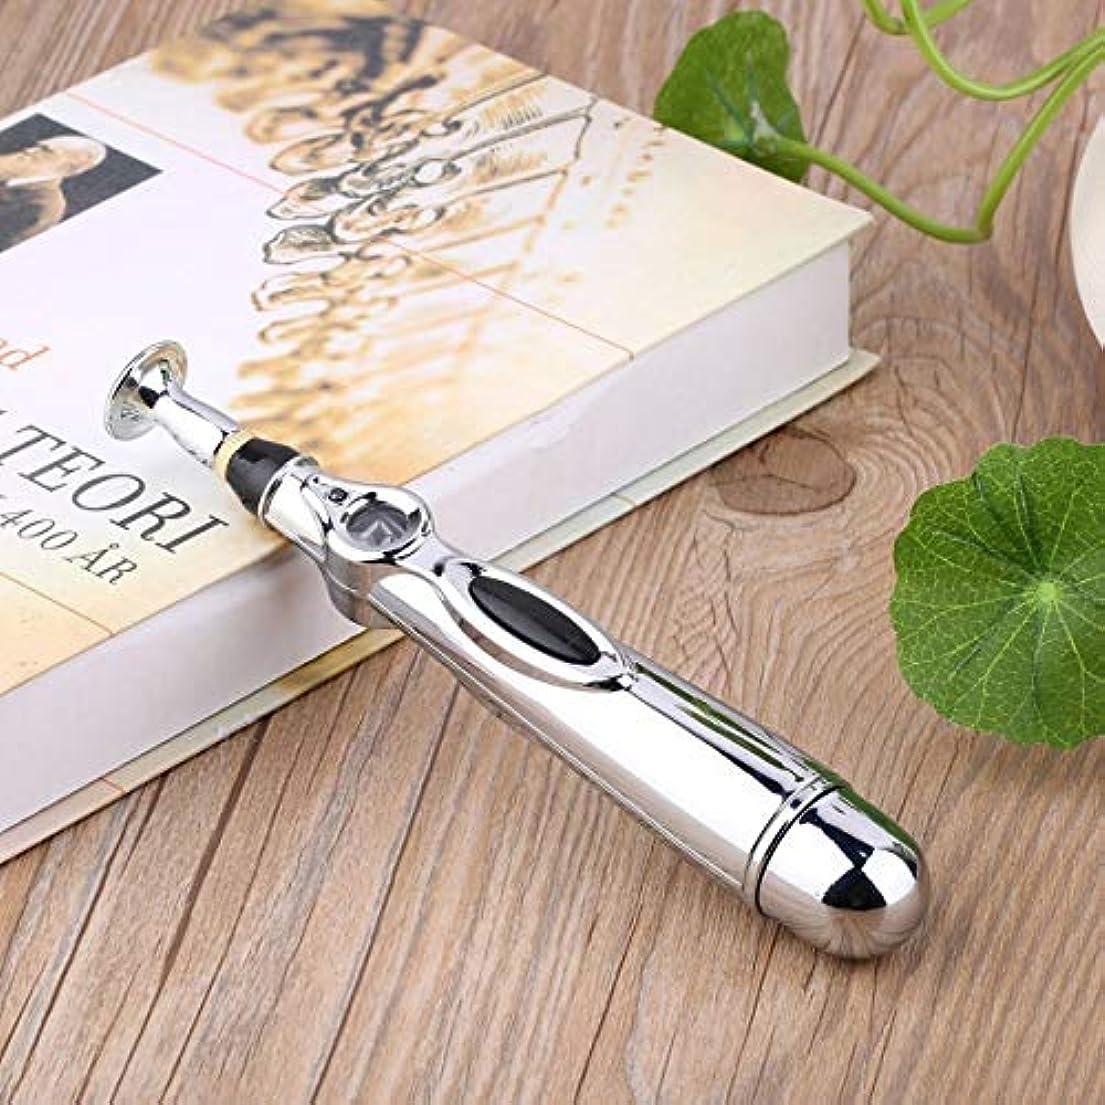 ホストスキッパー画像電気鍼マッサージペンの健康子午線の痛みを軽減する治療電子子午線エネルギーペンのマッサージボディヘッドネック脚